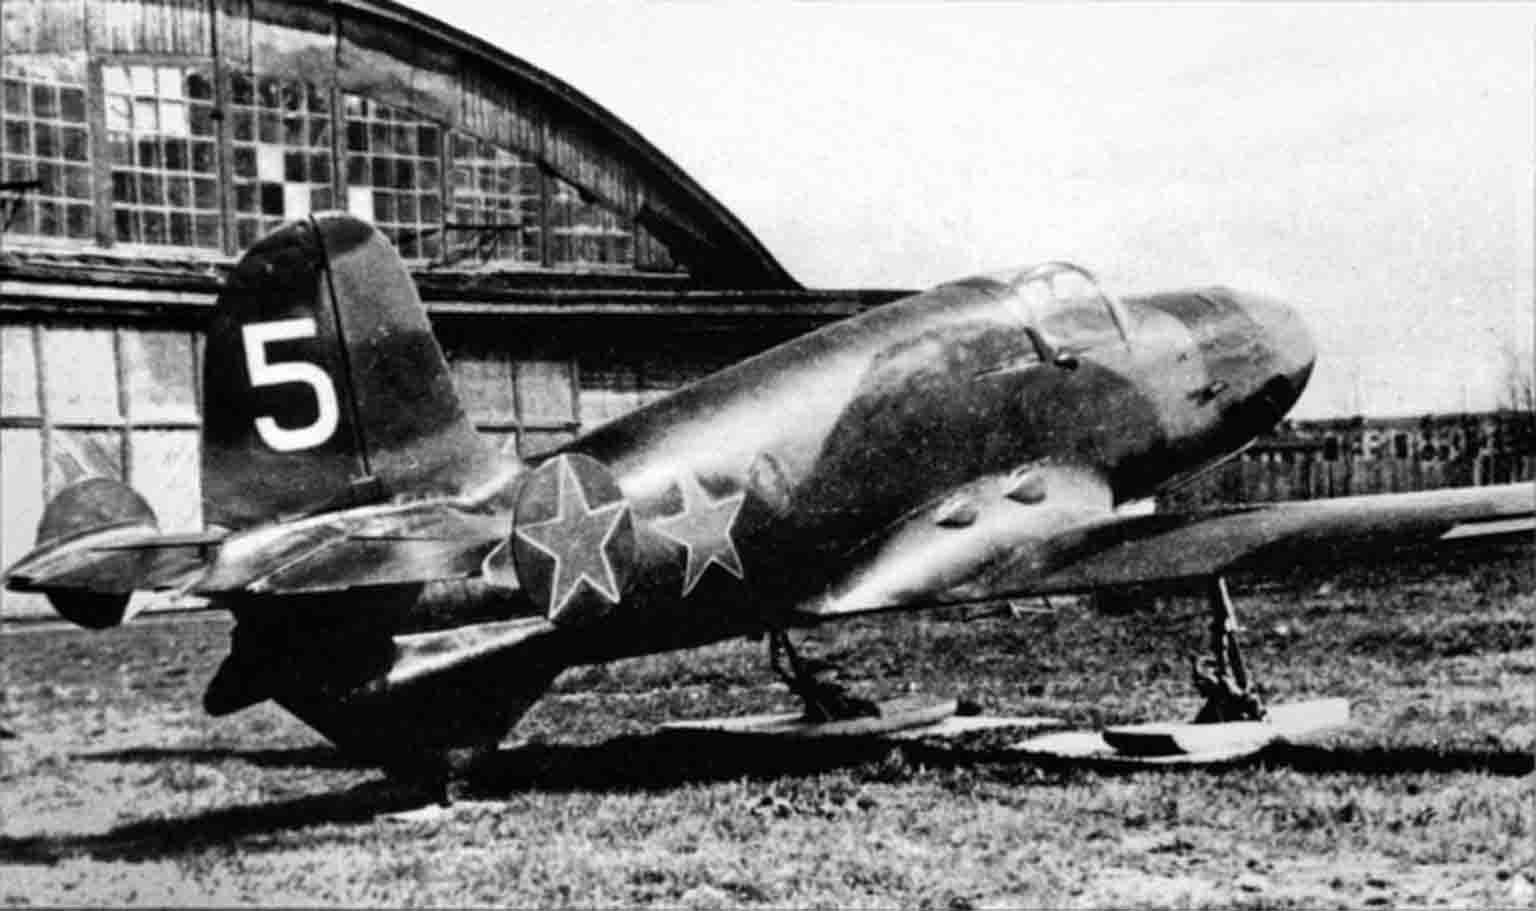 jet plane BI-1